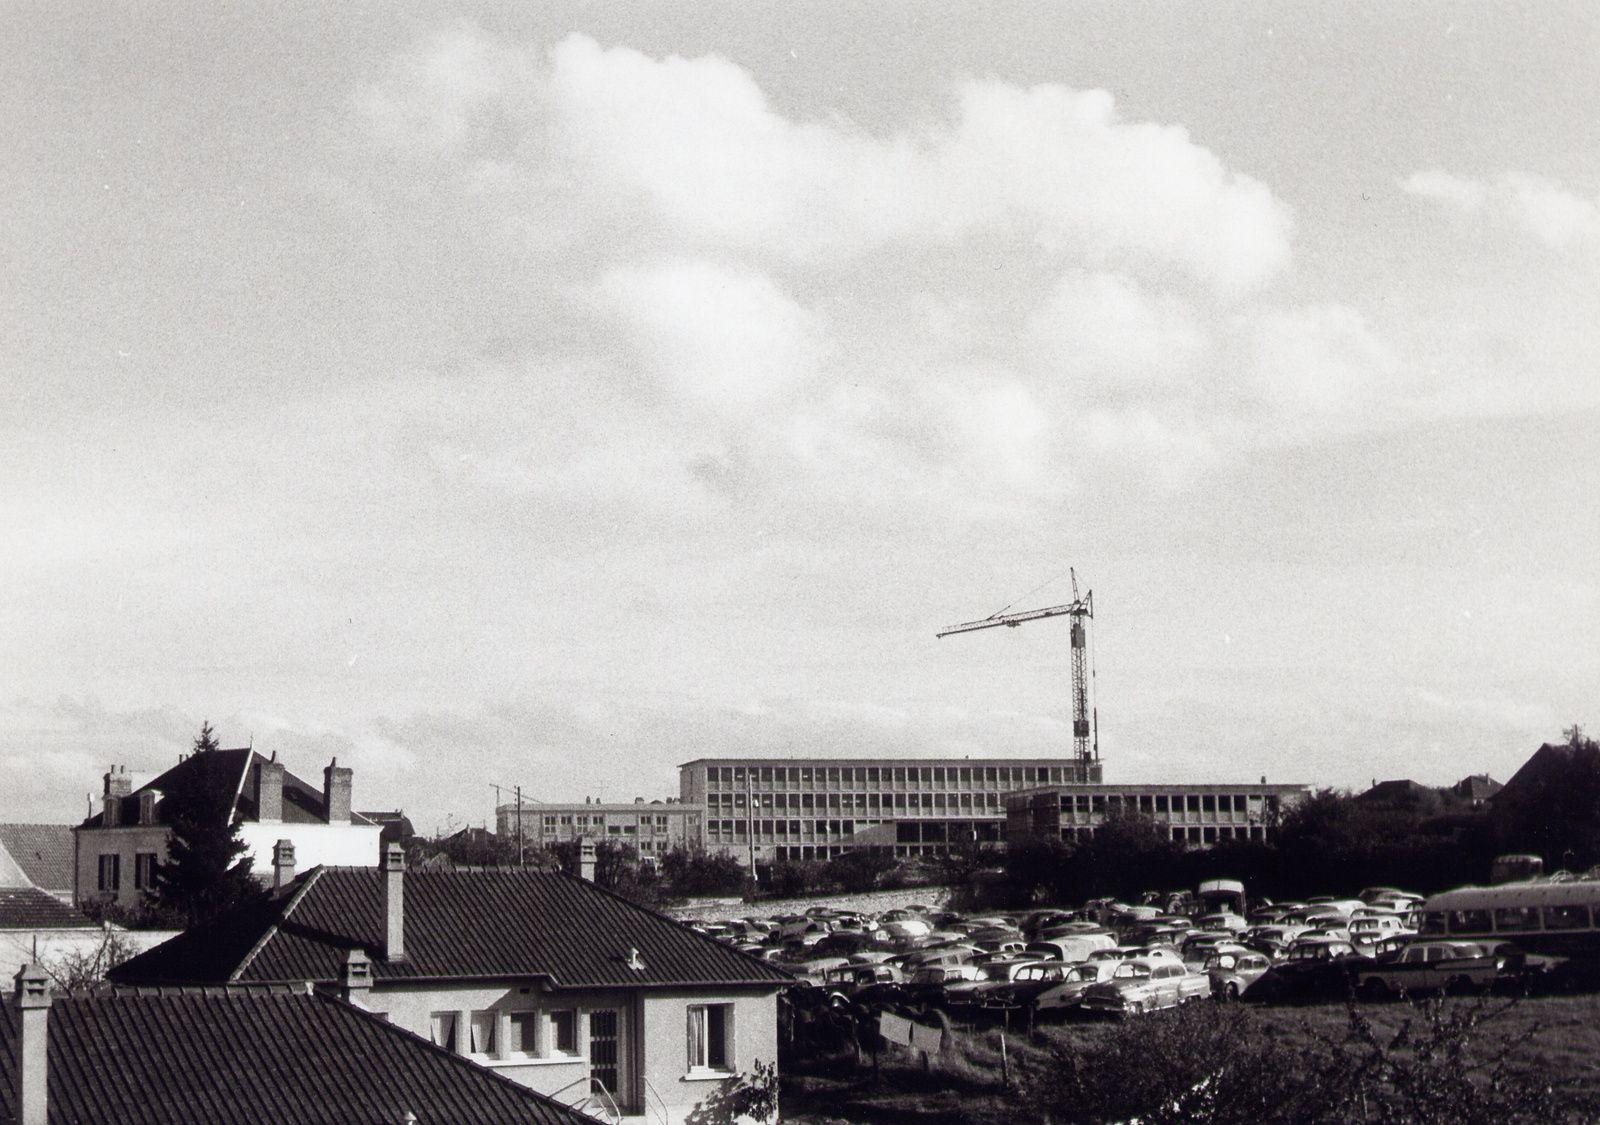 Agrandissement Camus 1970